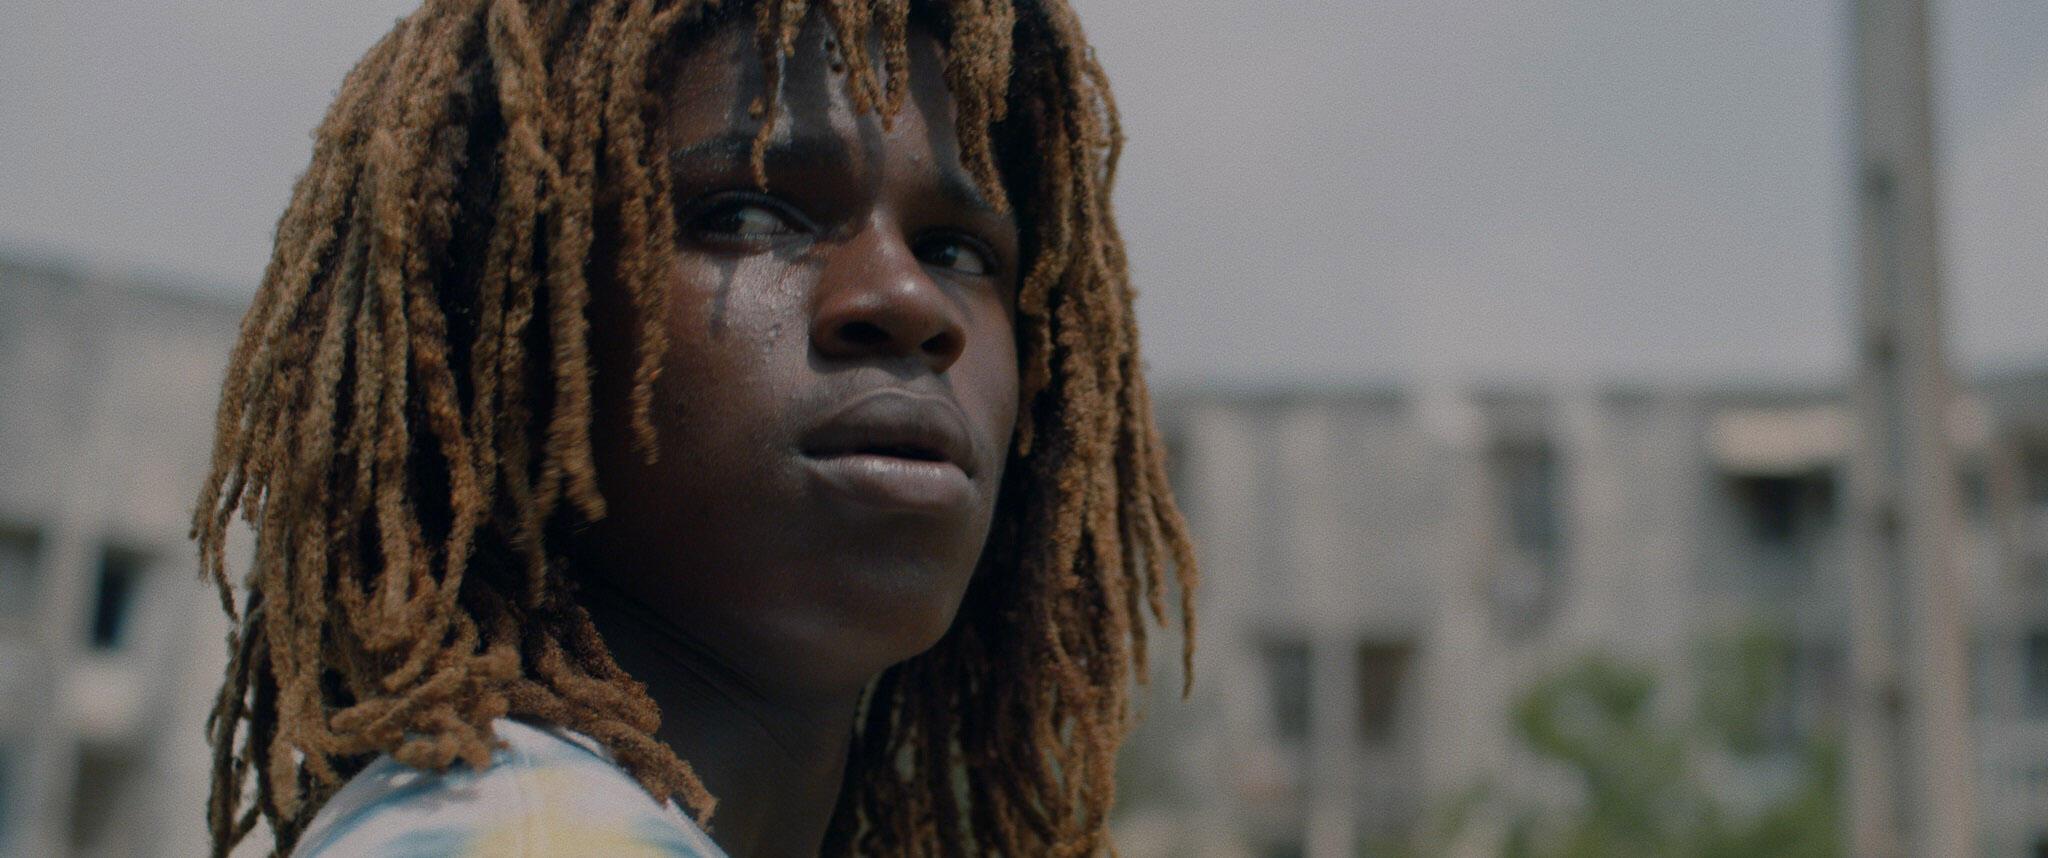 « Rasta », film de Samir Benchikh sur un jeune Rasta en Côte d'Ivoire, présenté aux « Regards d'Afrique » du 42e Festival international du court métrage à Clermont-Ferrand.